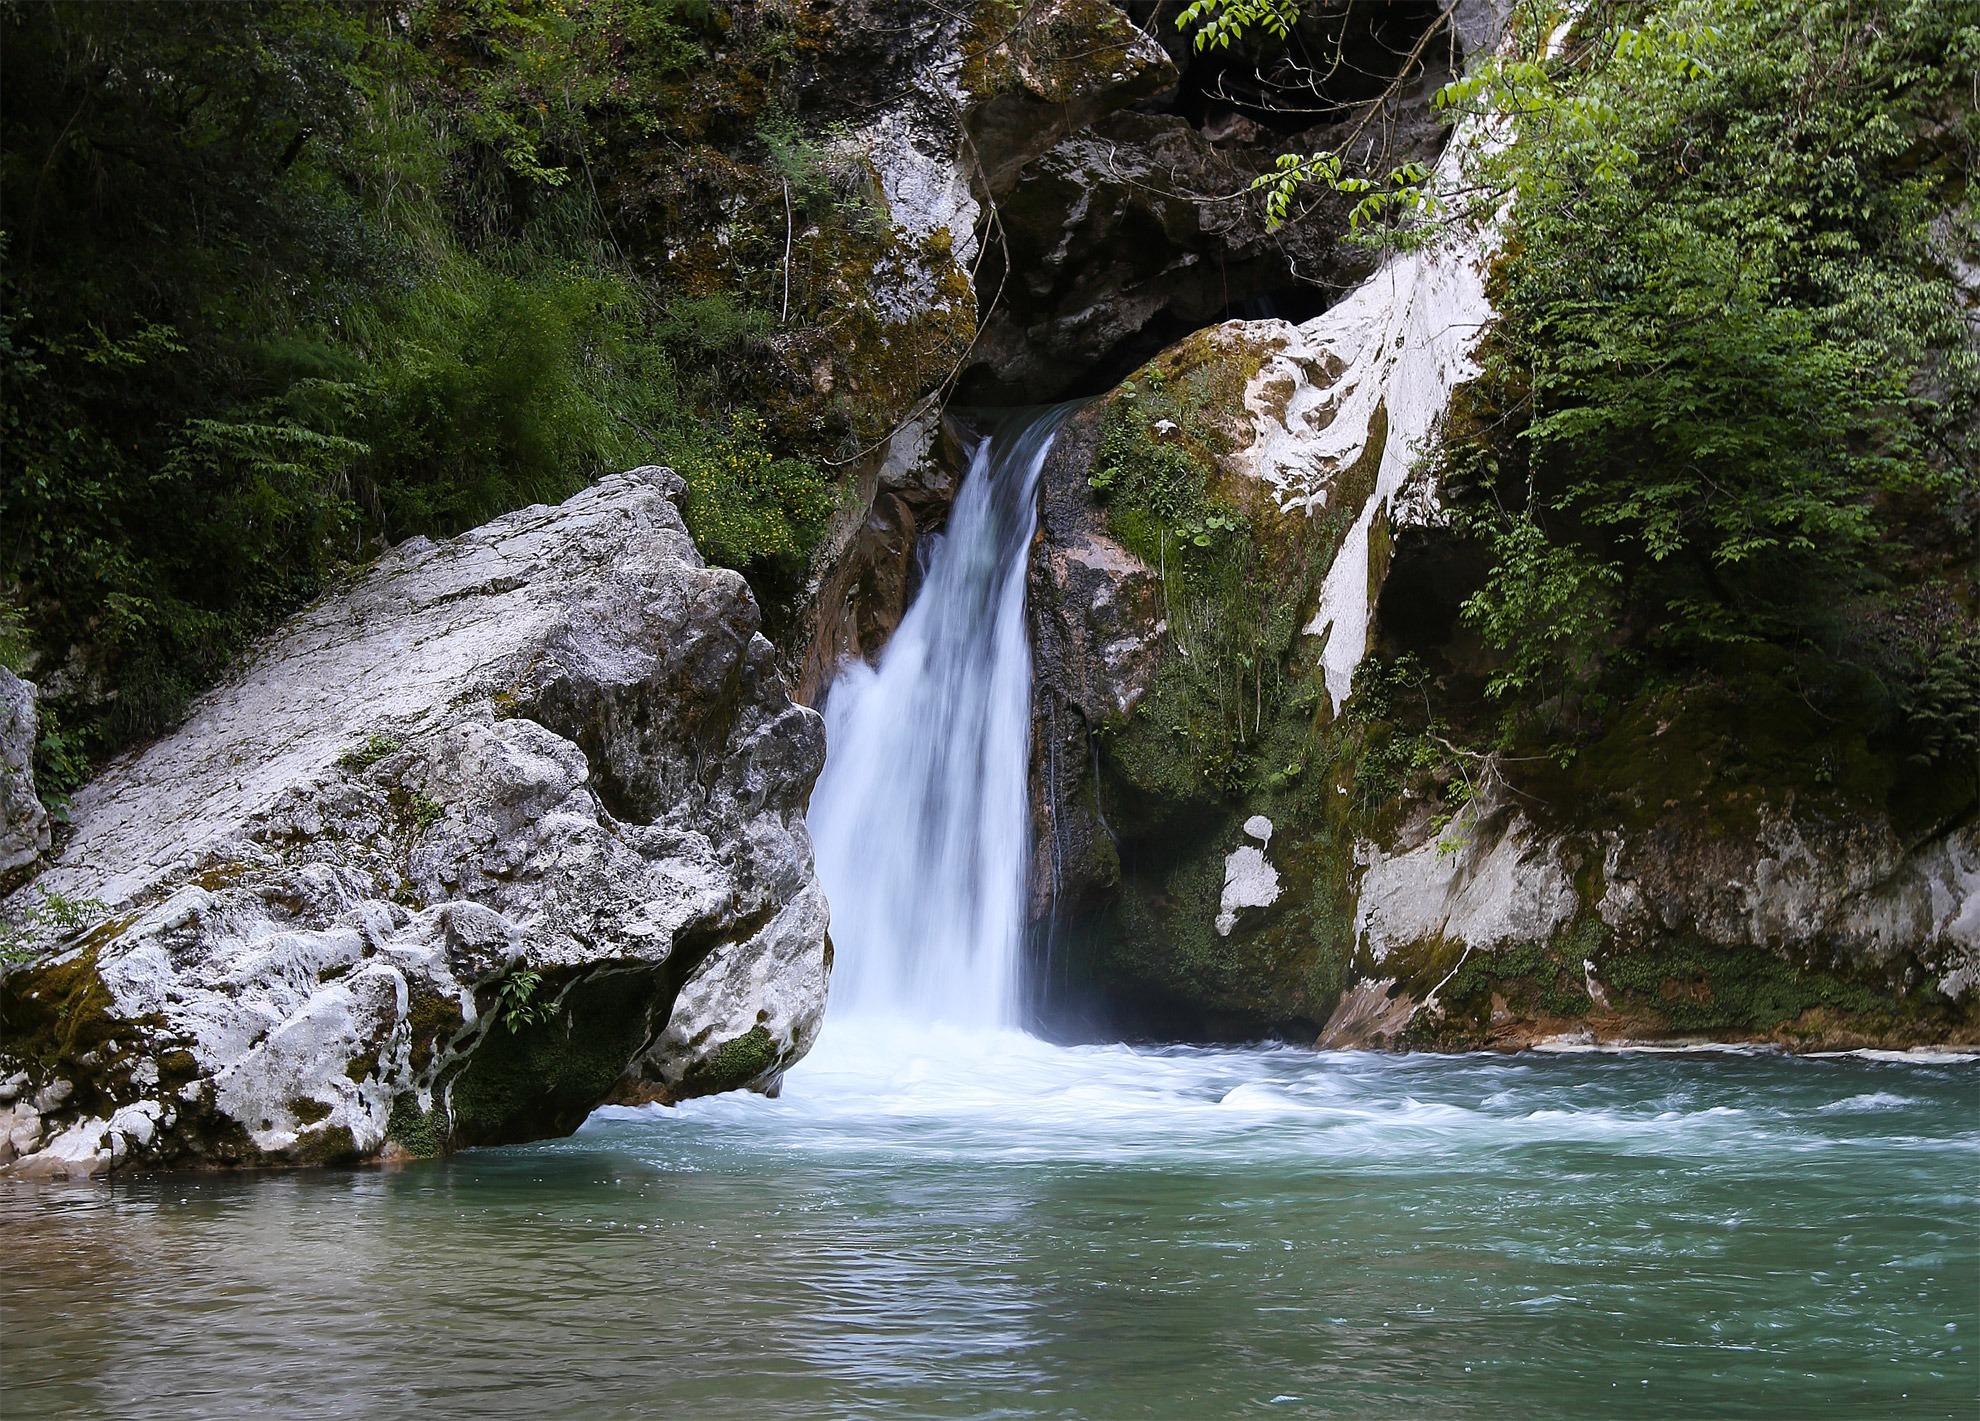 Le cascate pi belle del centro italia italia nascosta travel blogger italiani - Cascate in italia dove fare il bagno ...